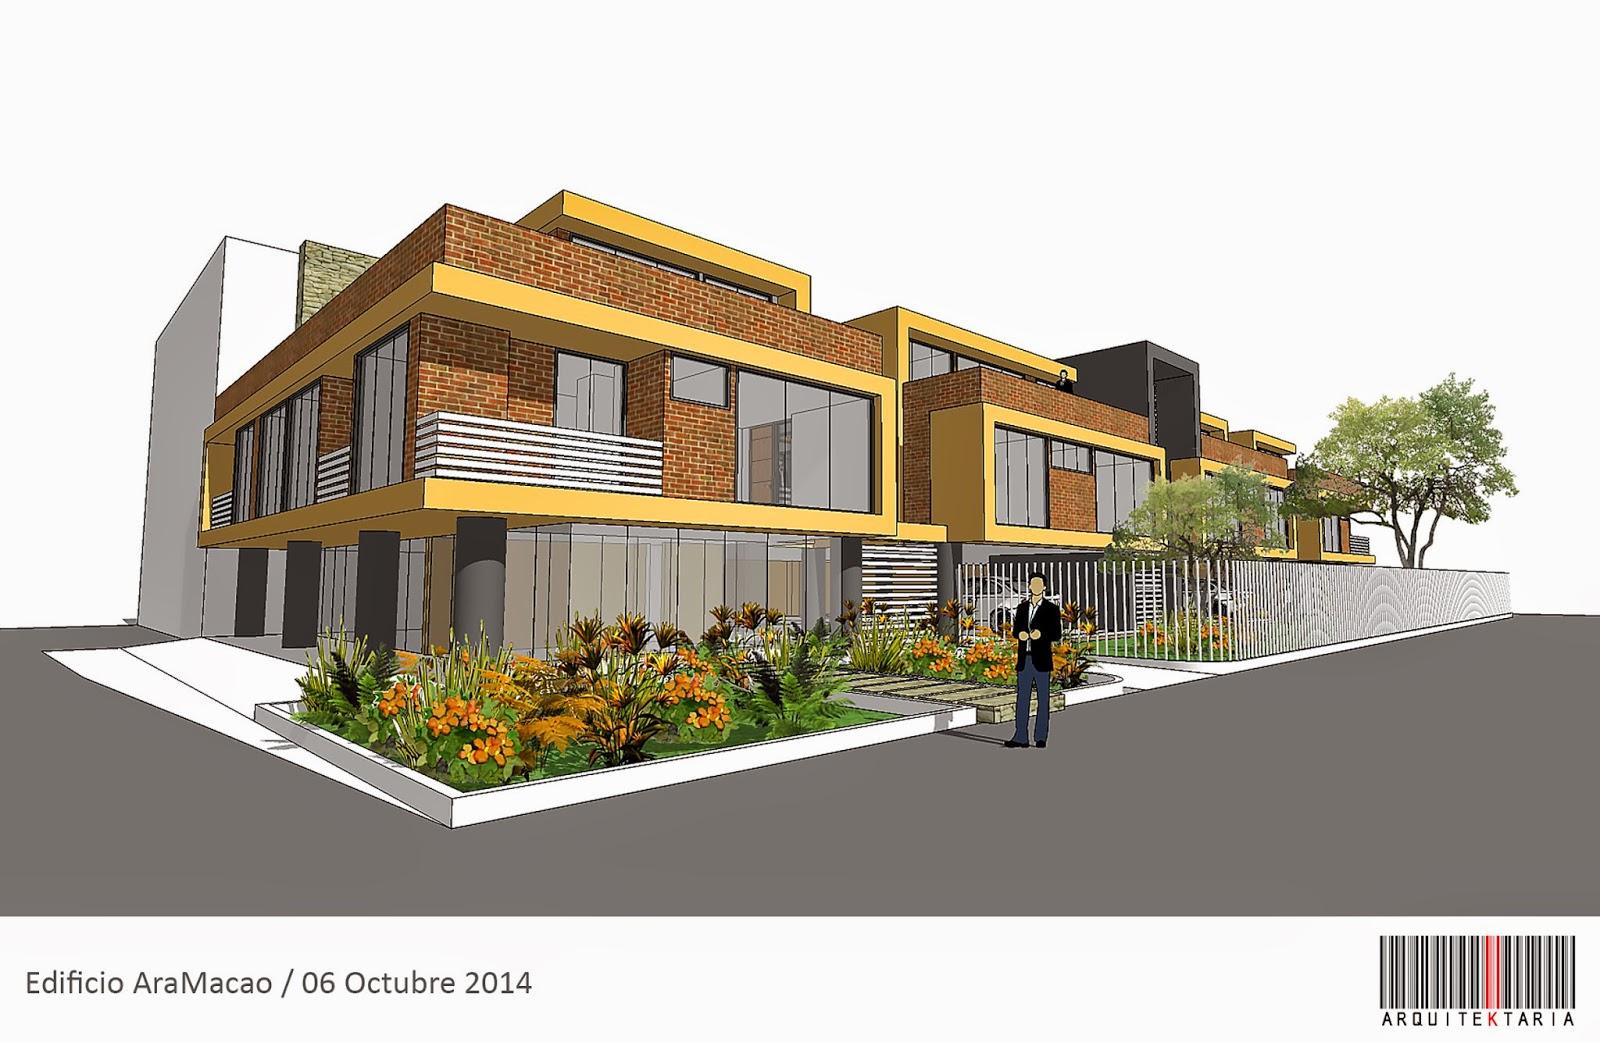 Dise o edificio de apartamentos aramacao cota for Diseno de edificios